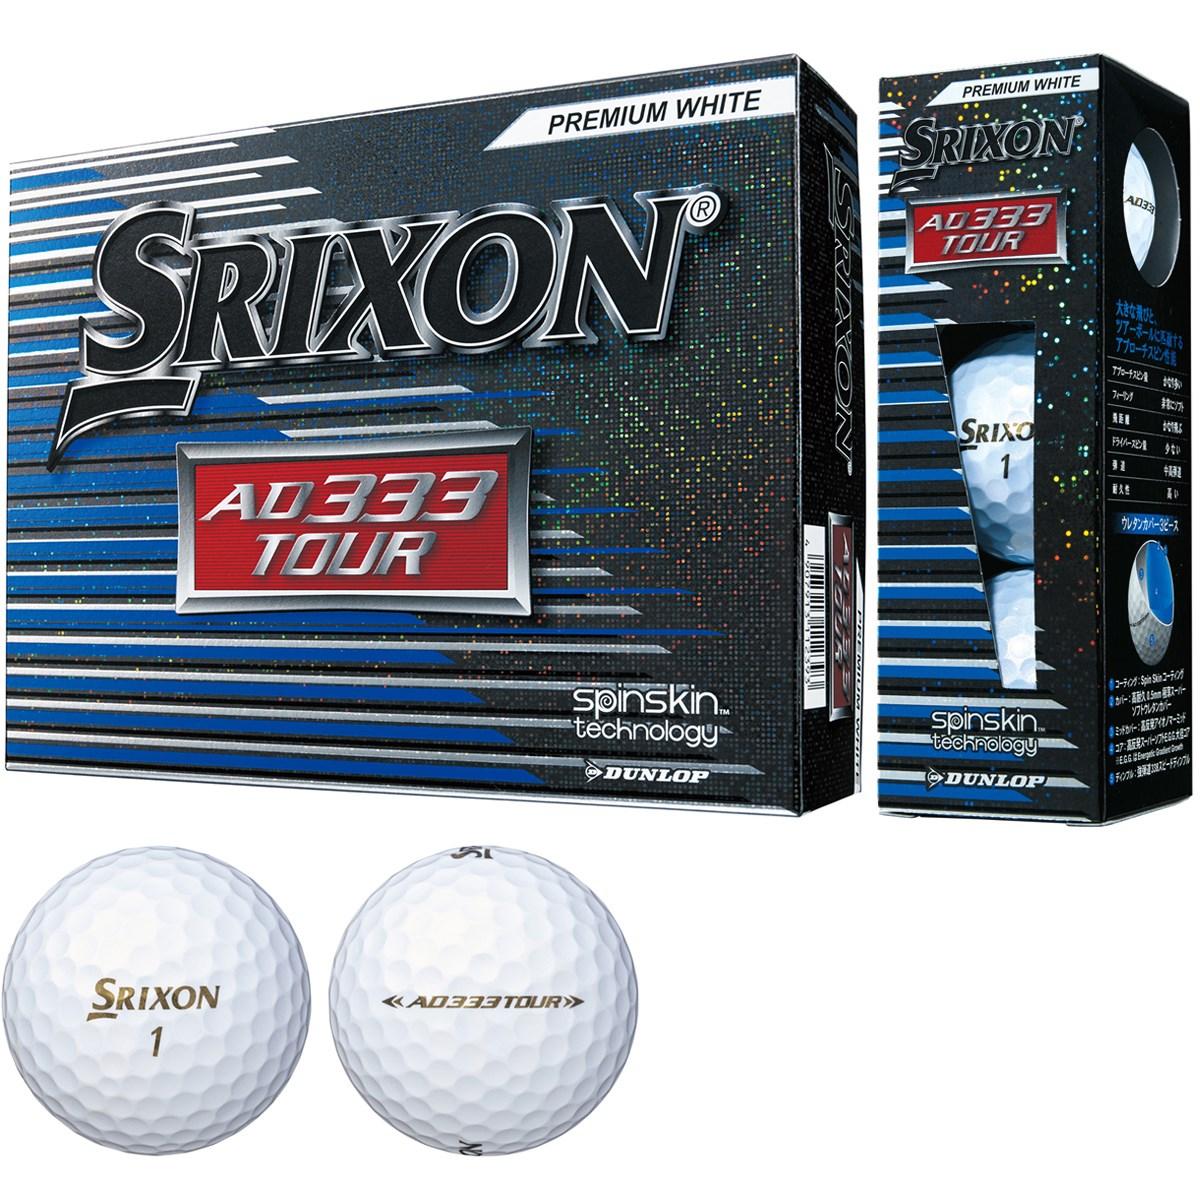 ダンロップ SRIXON スリクソン AD333 TOUR ボール 1ダース(12個入り) プレミアムホワイト